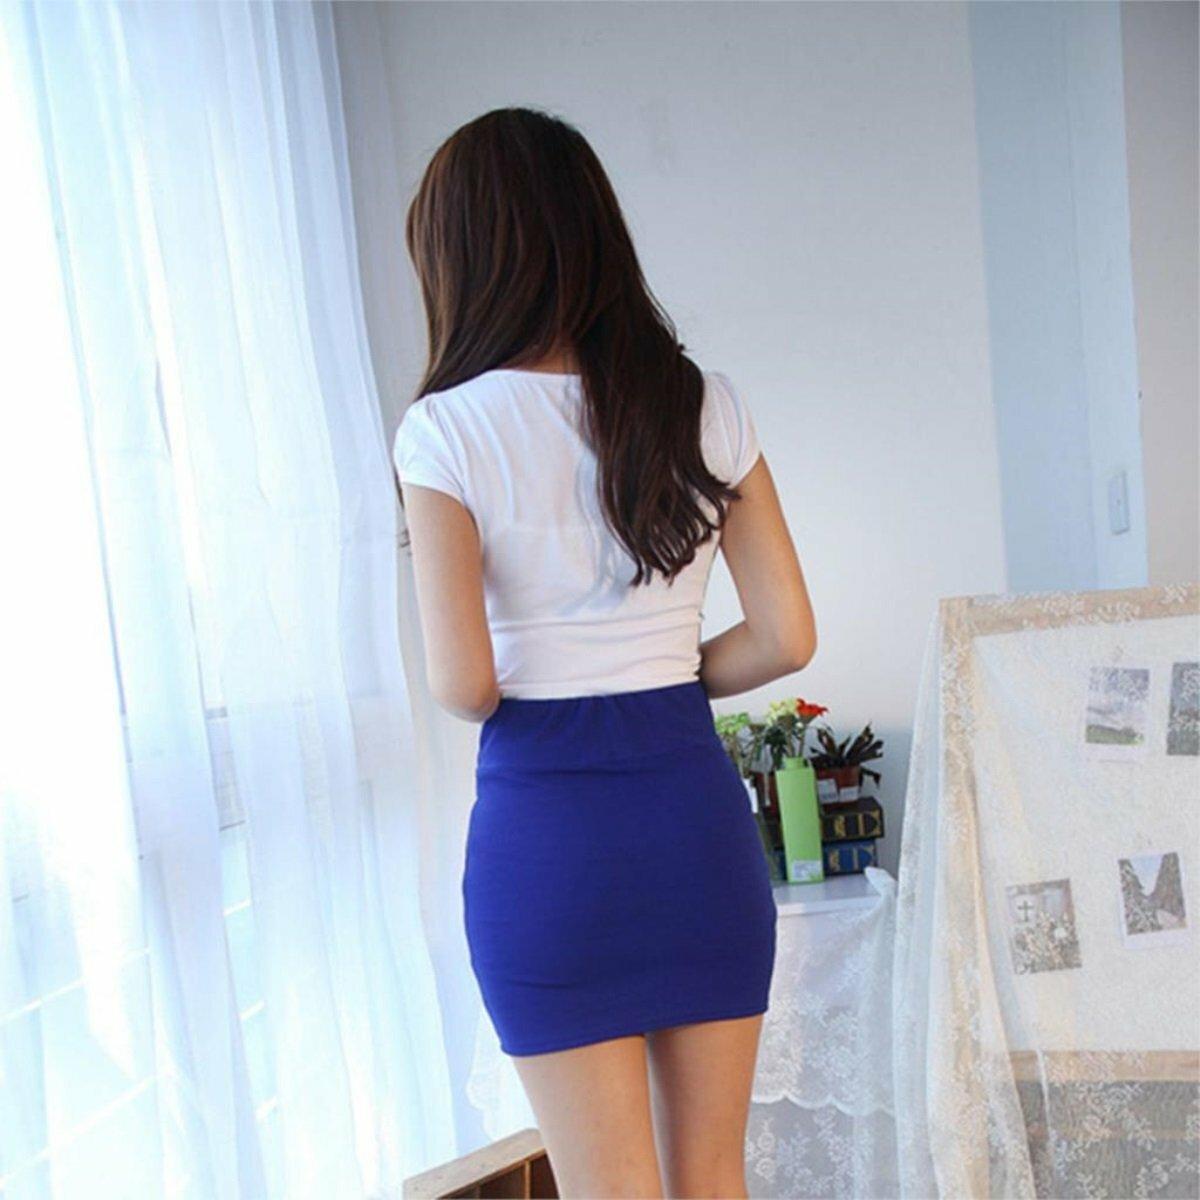 Девушки в юбках облегающих попку, порно соло девчонок